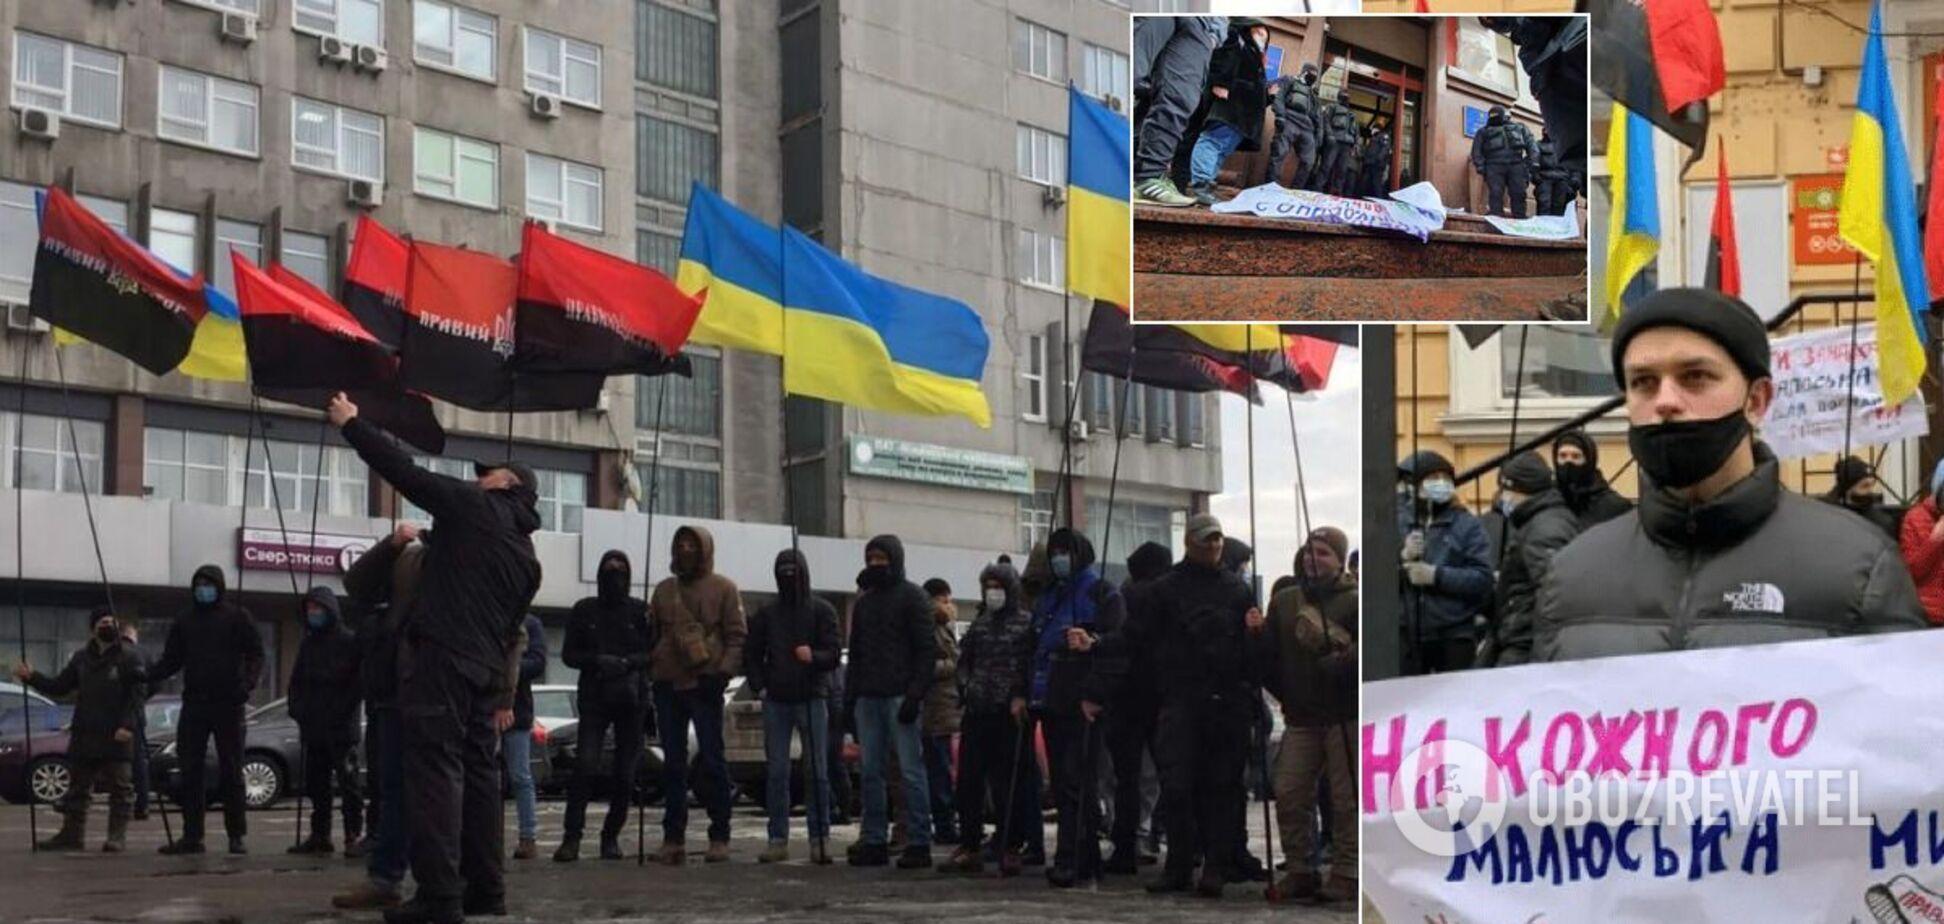 'Левый' бизнес 'правых' радикалов: почему ПС давит на министра Малюську в интересах рейдеров?